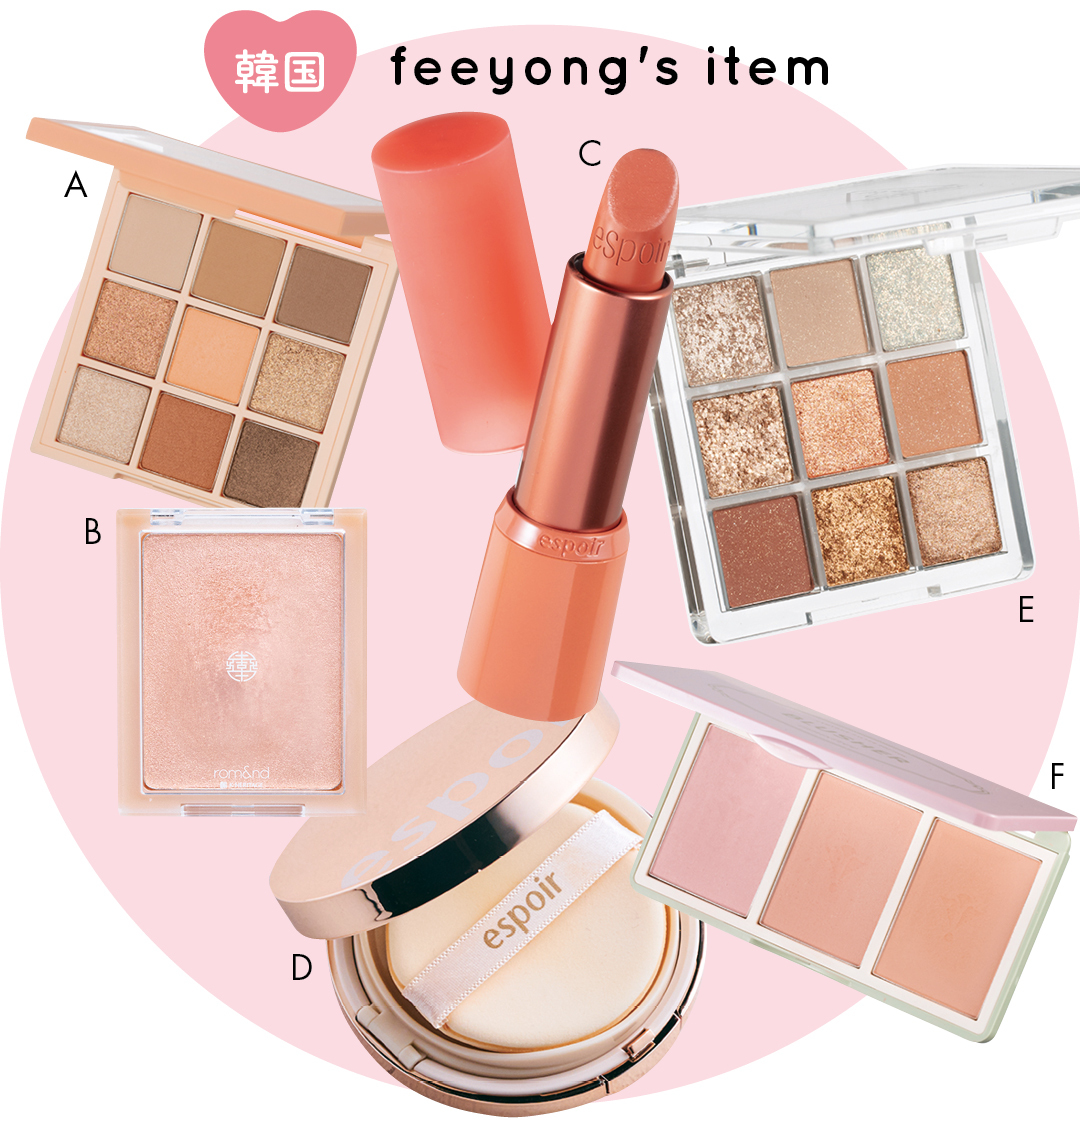 韓国 feeyong's item